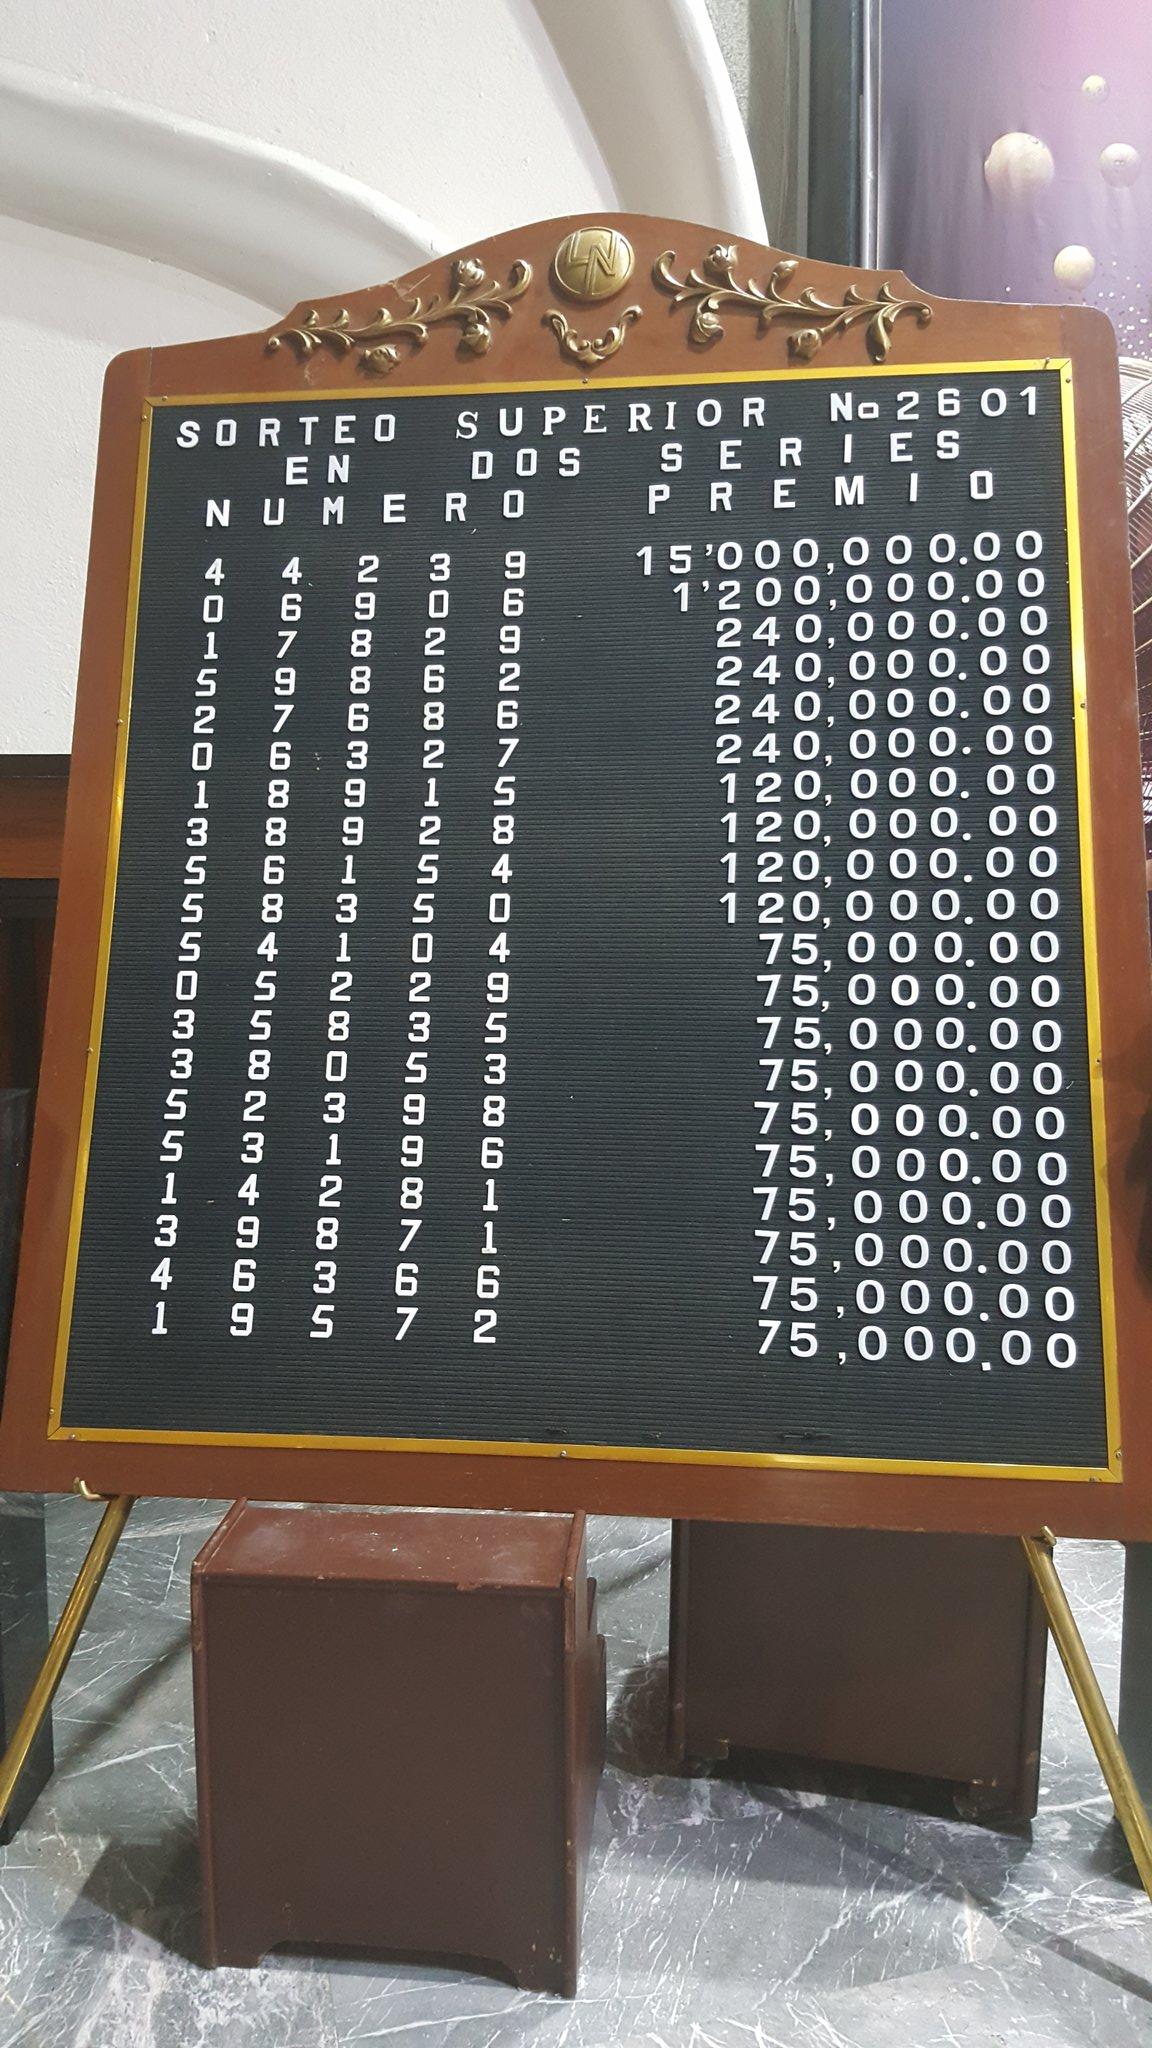 Resultados sorteo superior 2601